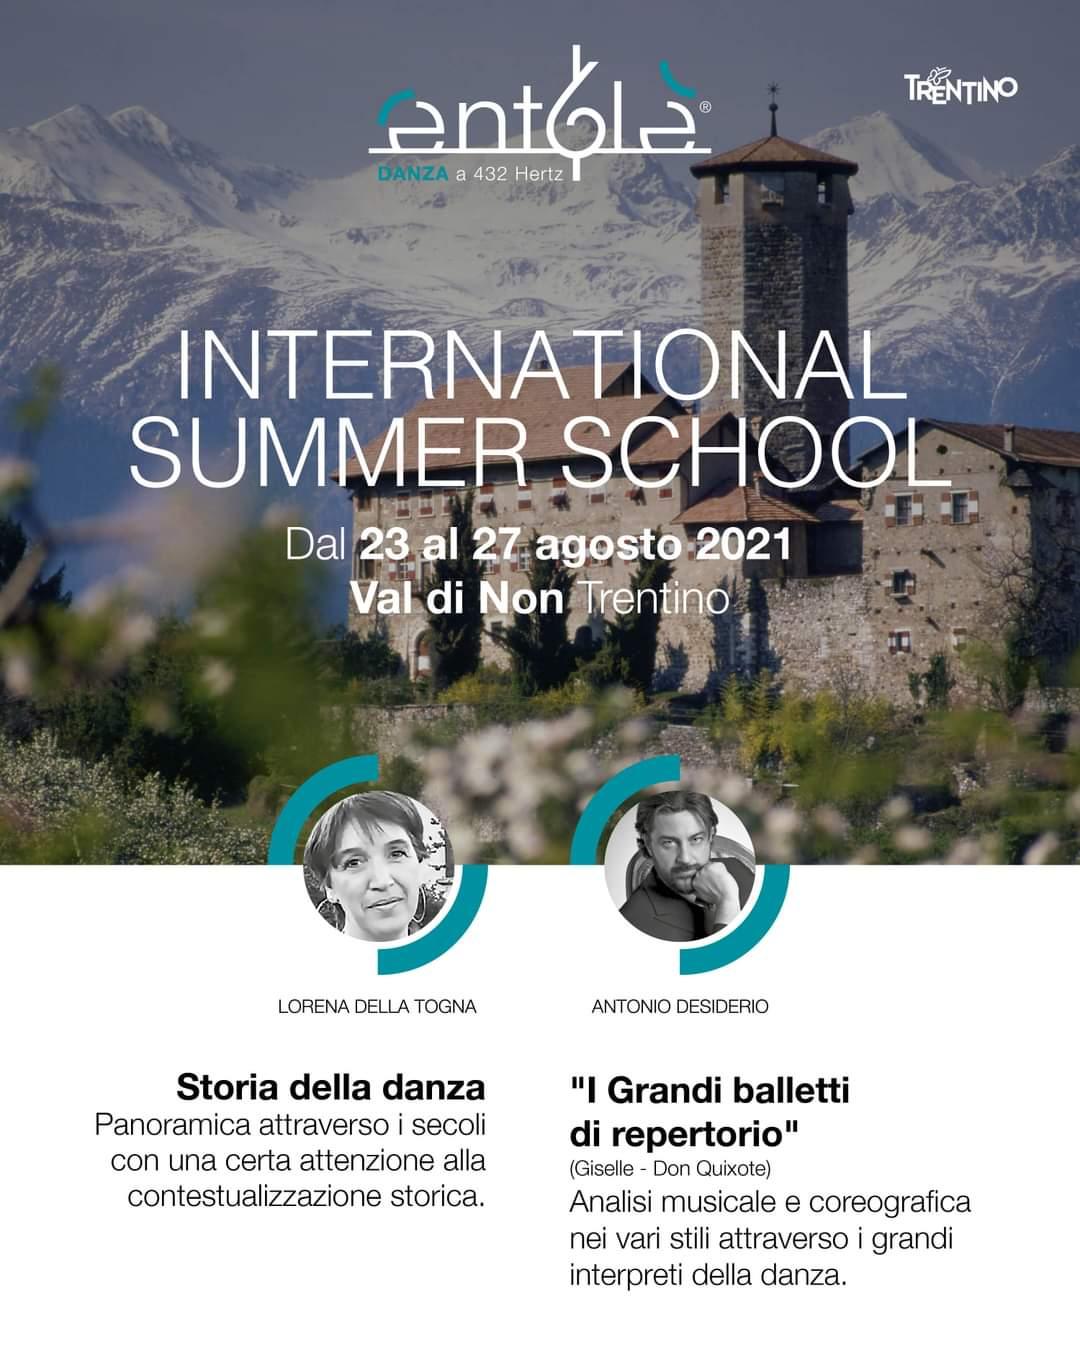 INTERNATIONAL SUMMER SCHOOL, VAL DI NON TRENTINO